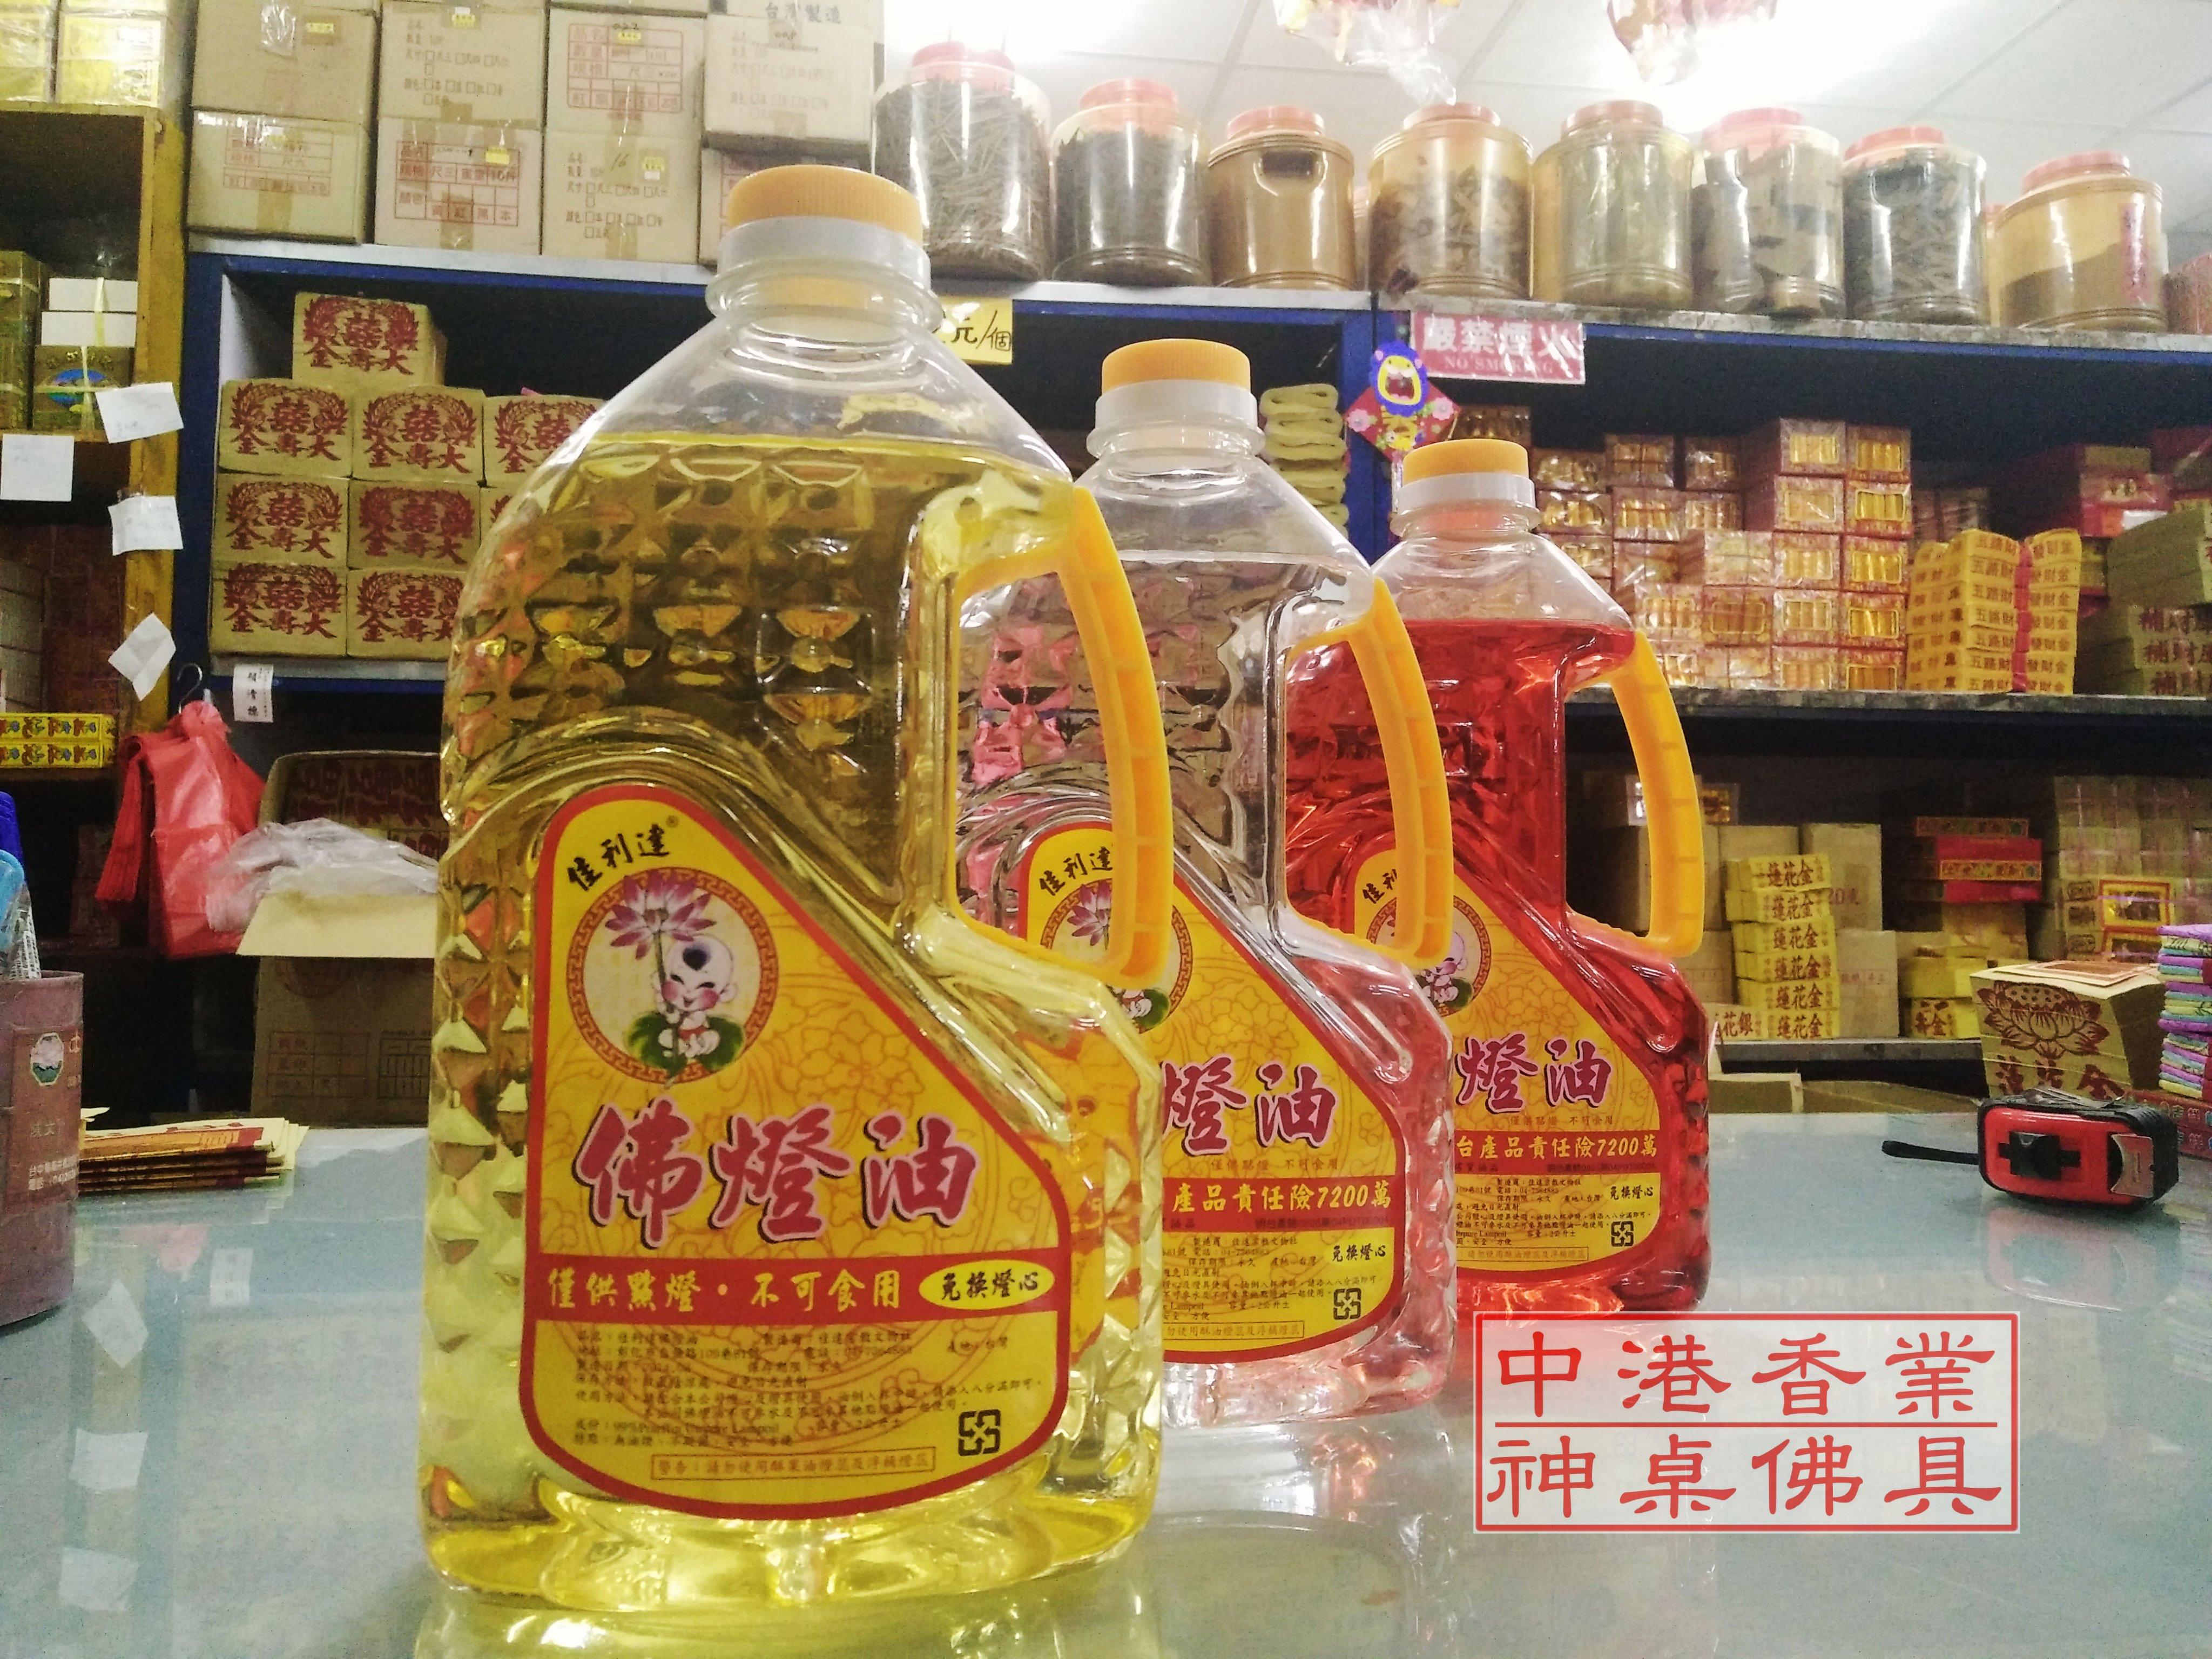 【中港香業】佛燈油  石蠟油  2公升  一箱六瓶  一貫道佛燈用油  佳利達